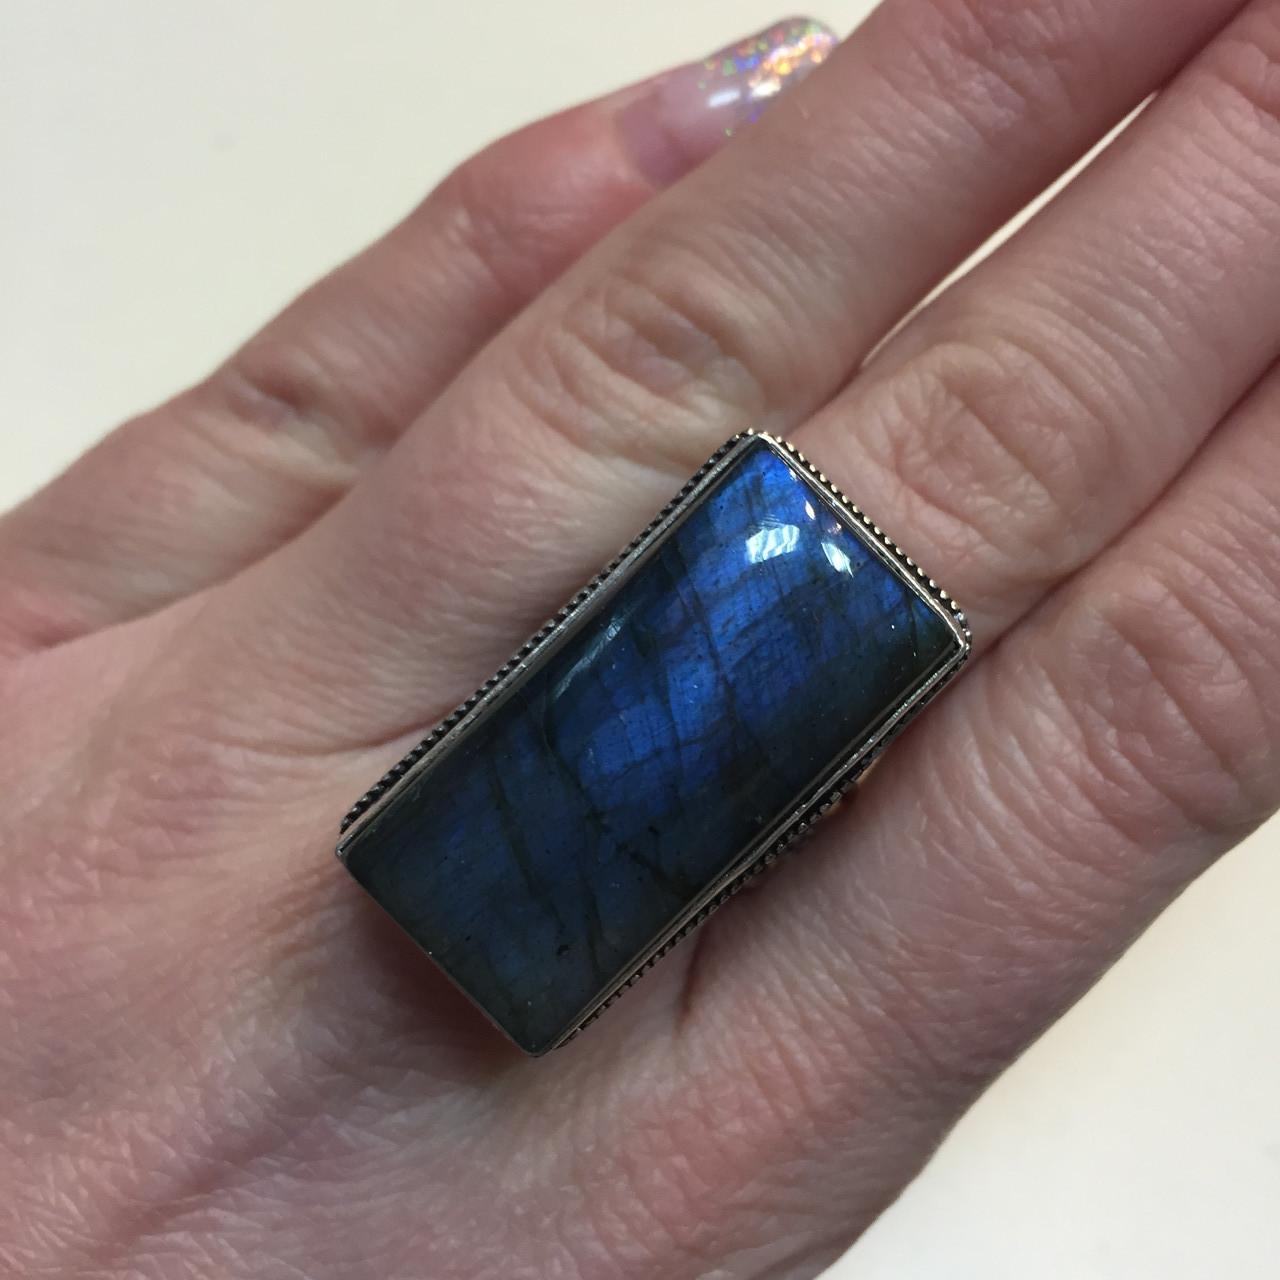 Красивенное кольцо прямоугольное с камнем лабрадор в серебре размер 17,5 перстень с синим лабрадором Индия!